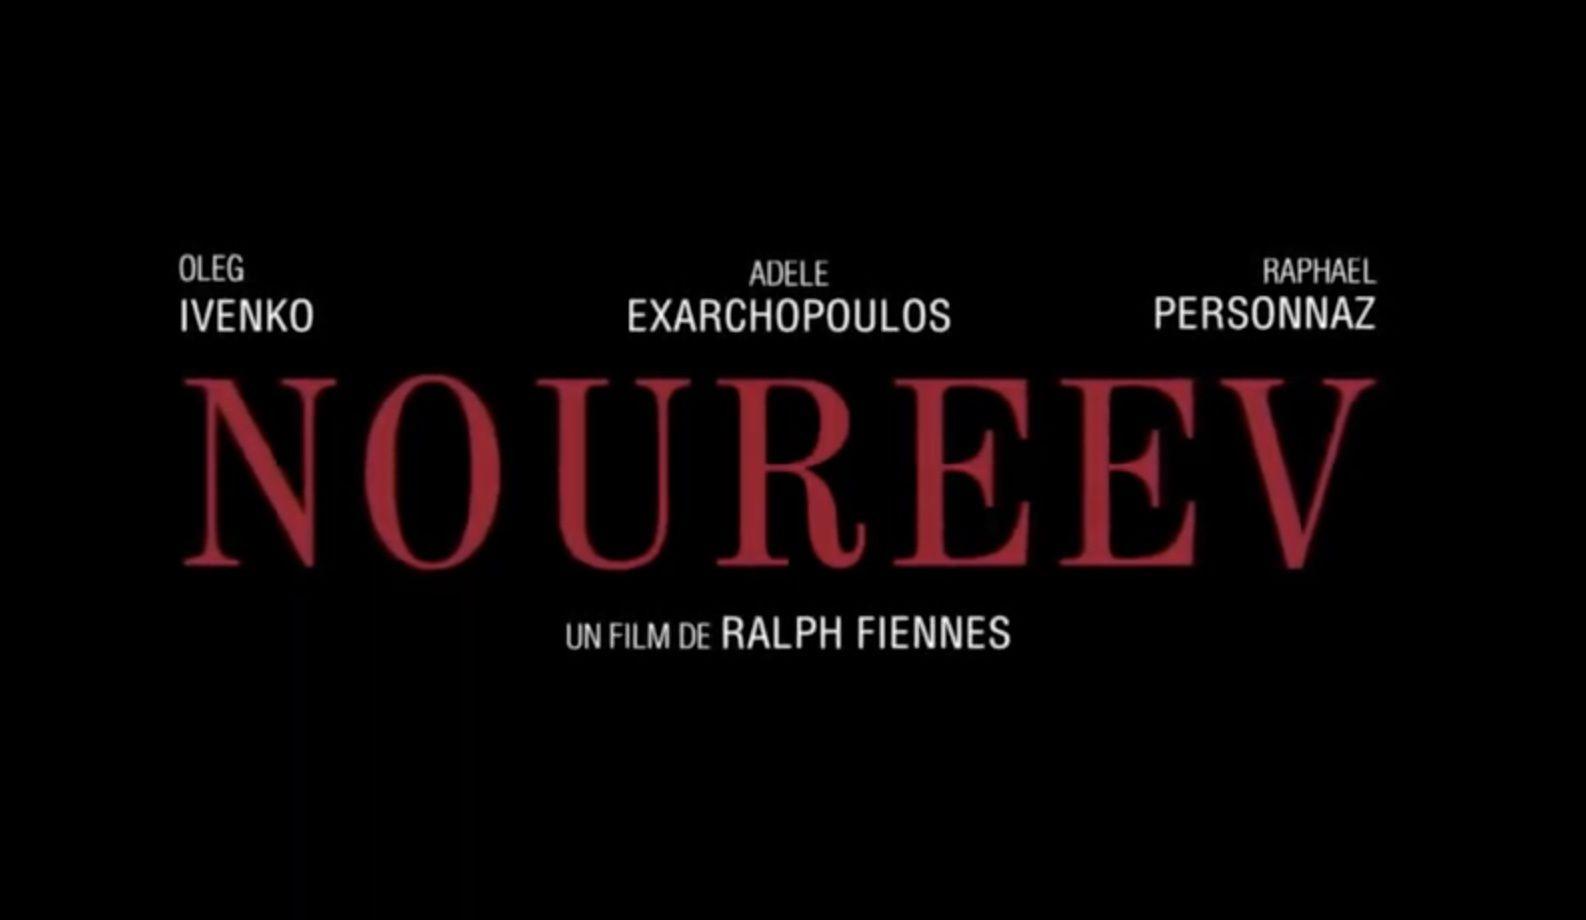 Bande-annonce du film Noureev, réalisé par Ralph Fiennes.